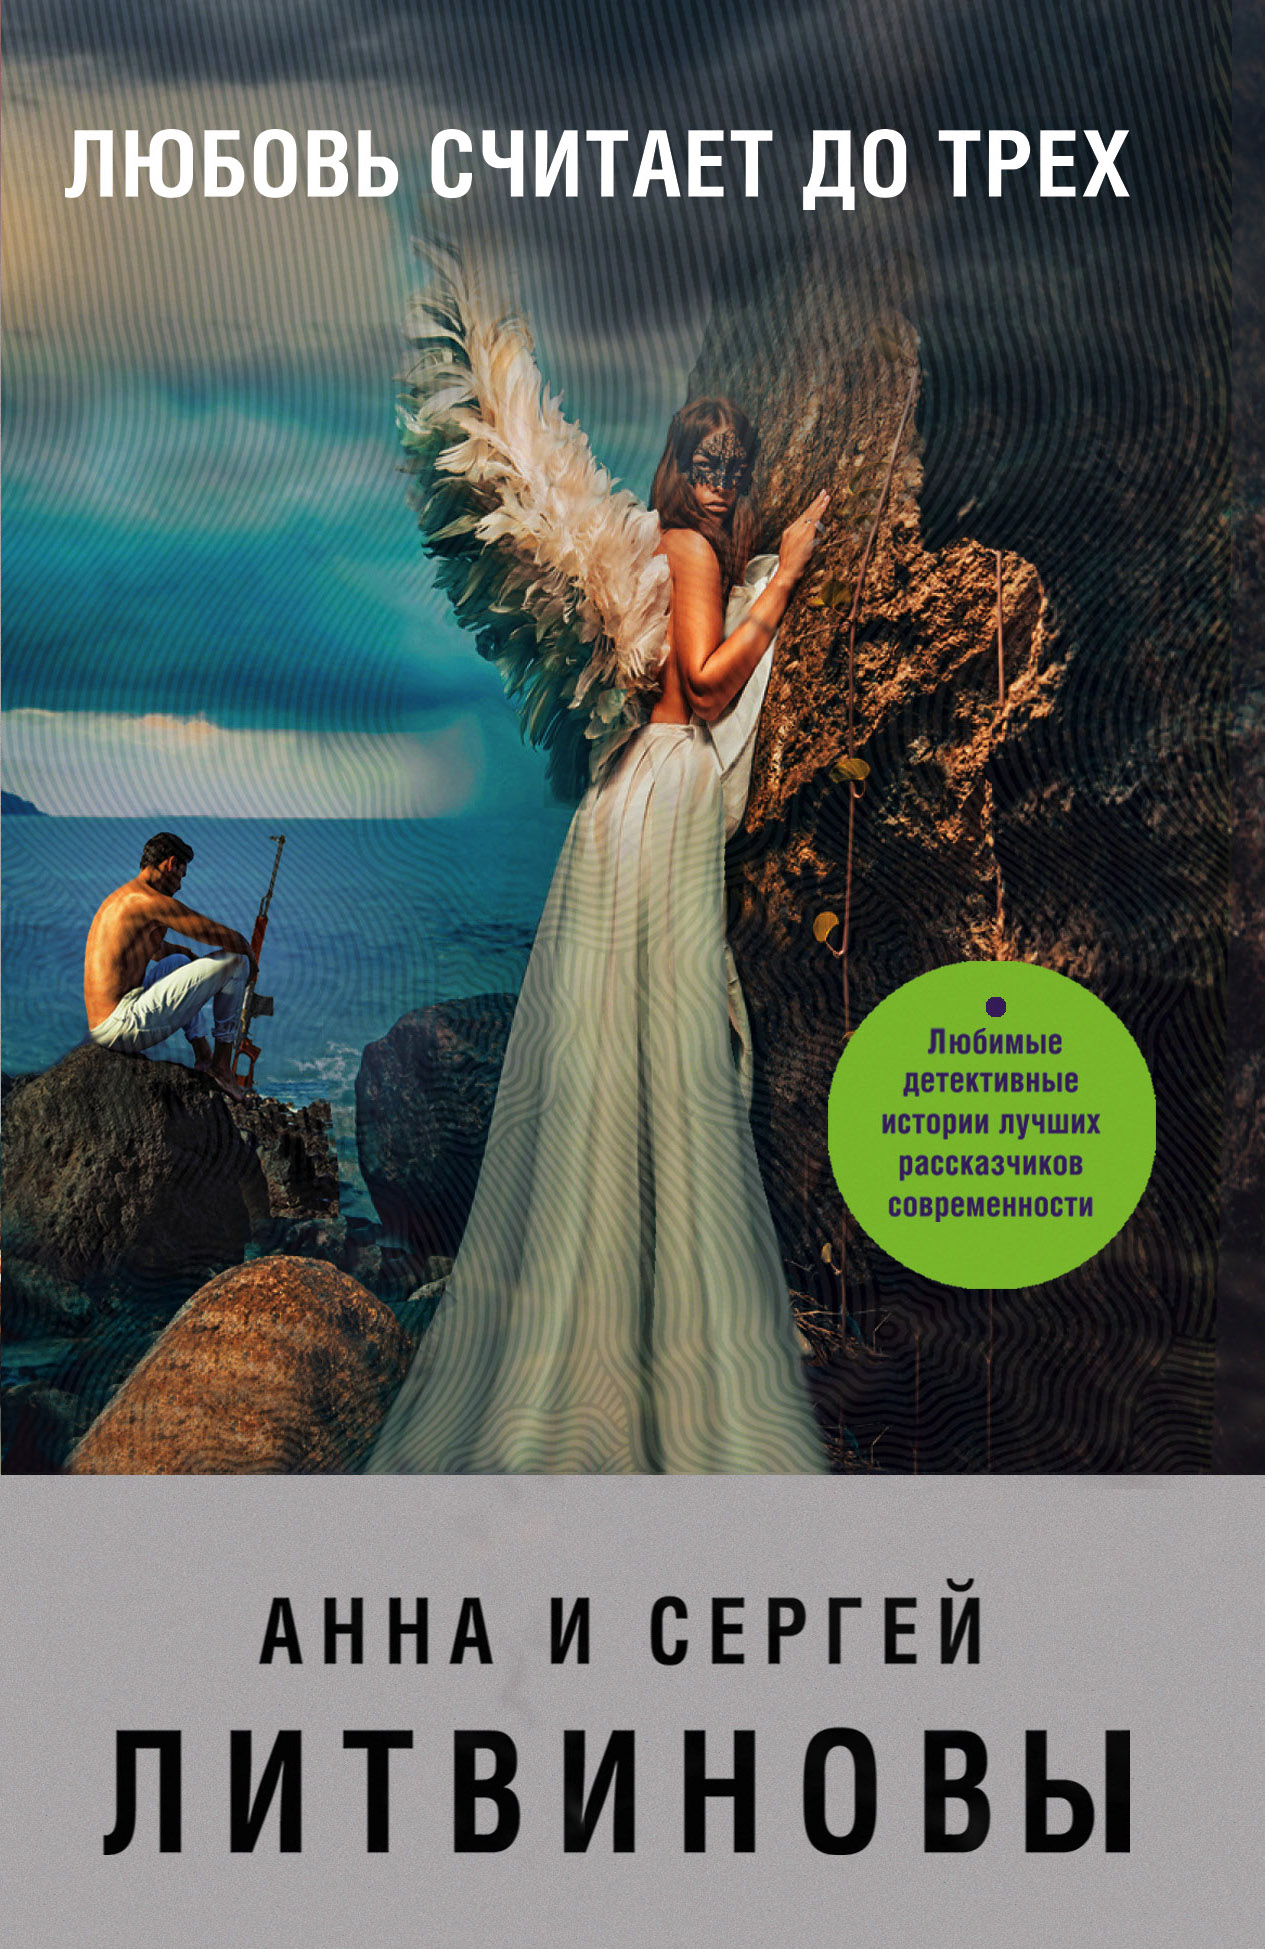 Анна и Сергей Литвиновы Любовь считает до трех (сборник)